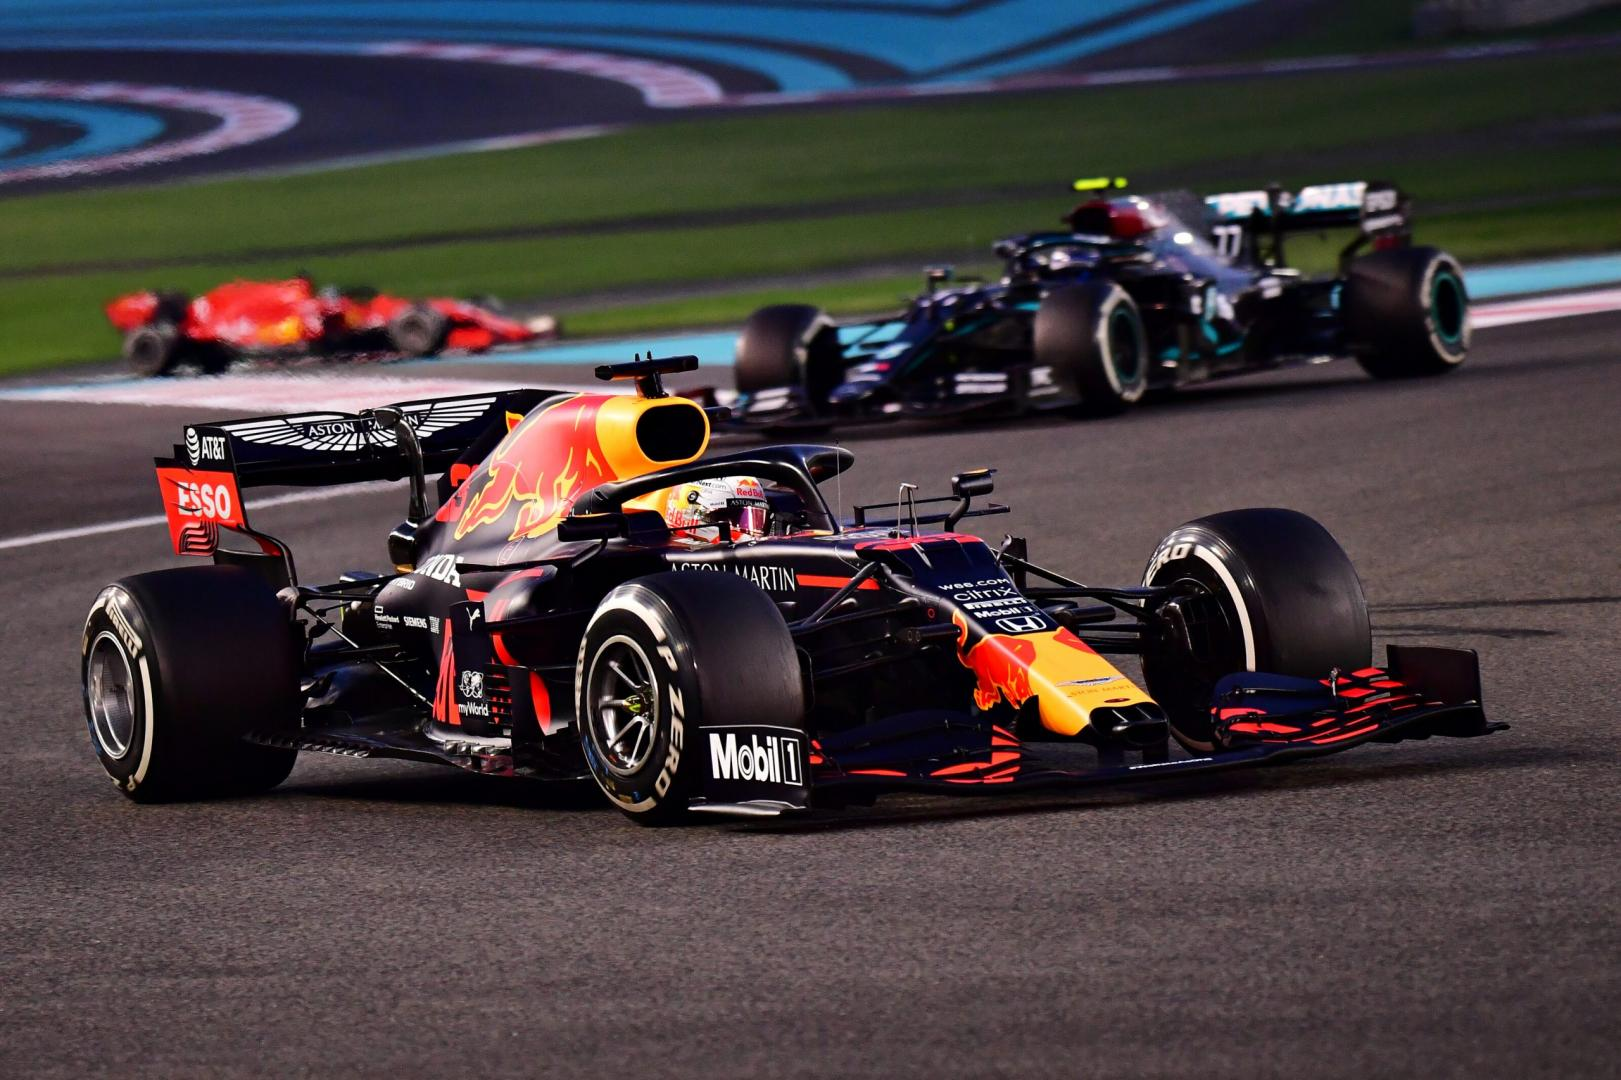 Eindstand van het Formule 1-kampioenschap 2020